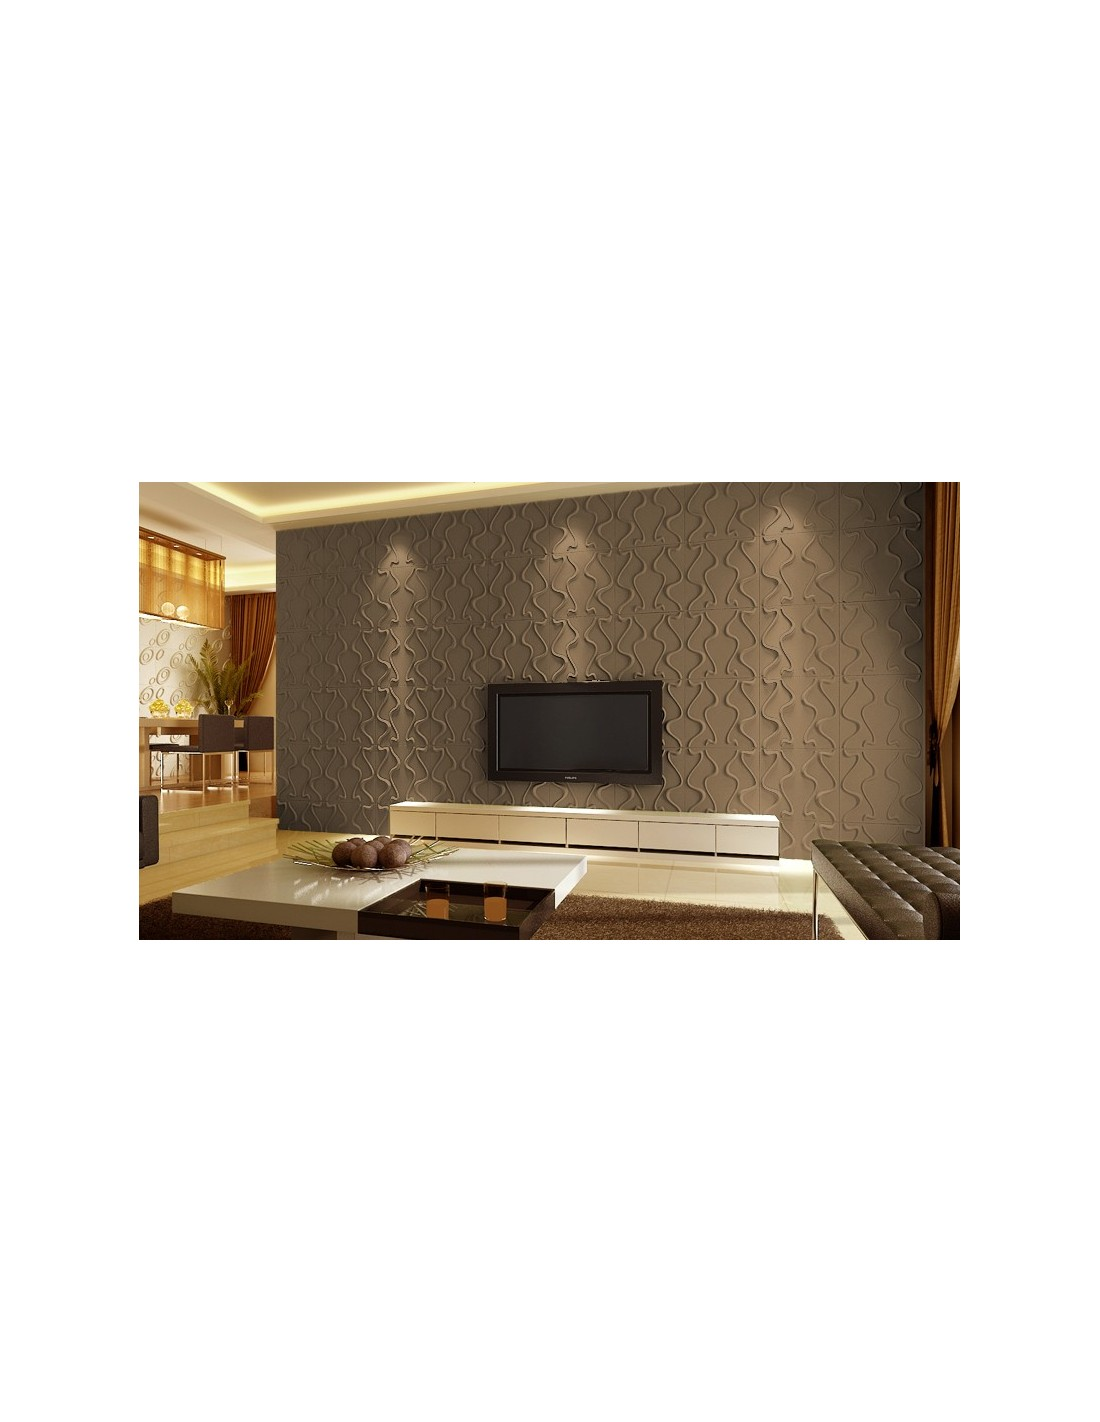 Pannello 3d wall per decorazioni di pareti e soffitti mod gesture 50x50 cf 1 mq - Decorazioni pareti ikea ...